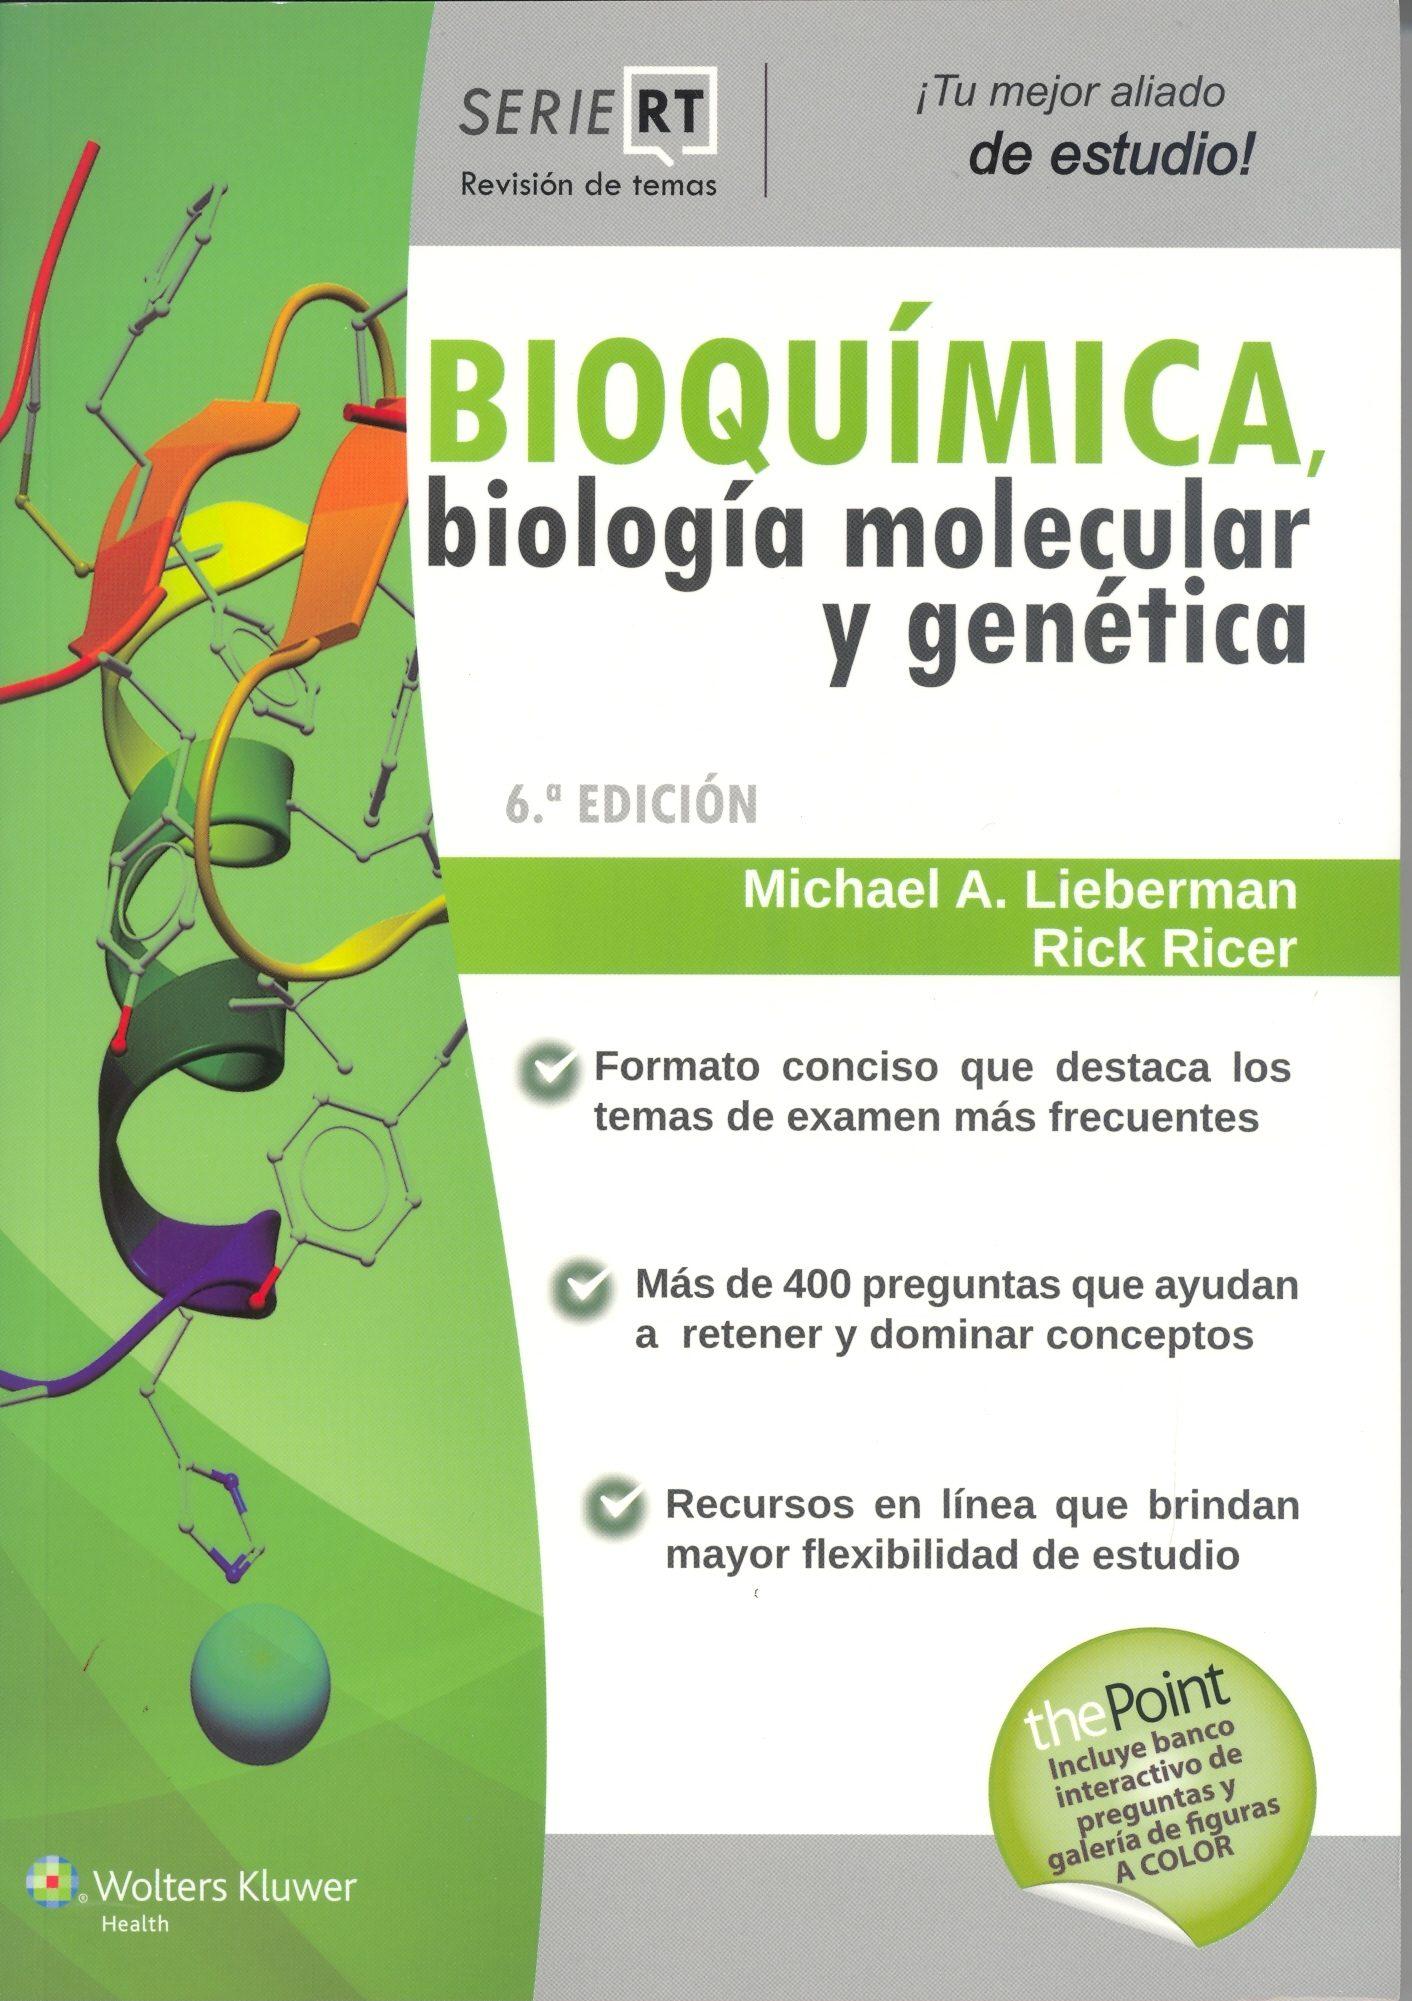 SERIE REVISION DE TEMAS: BIOQUIMICA, BIOLOGIA MOLECULAR Y GENETICA ...